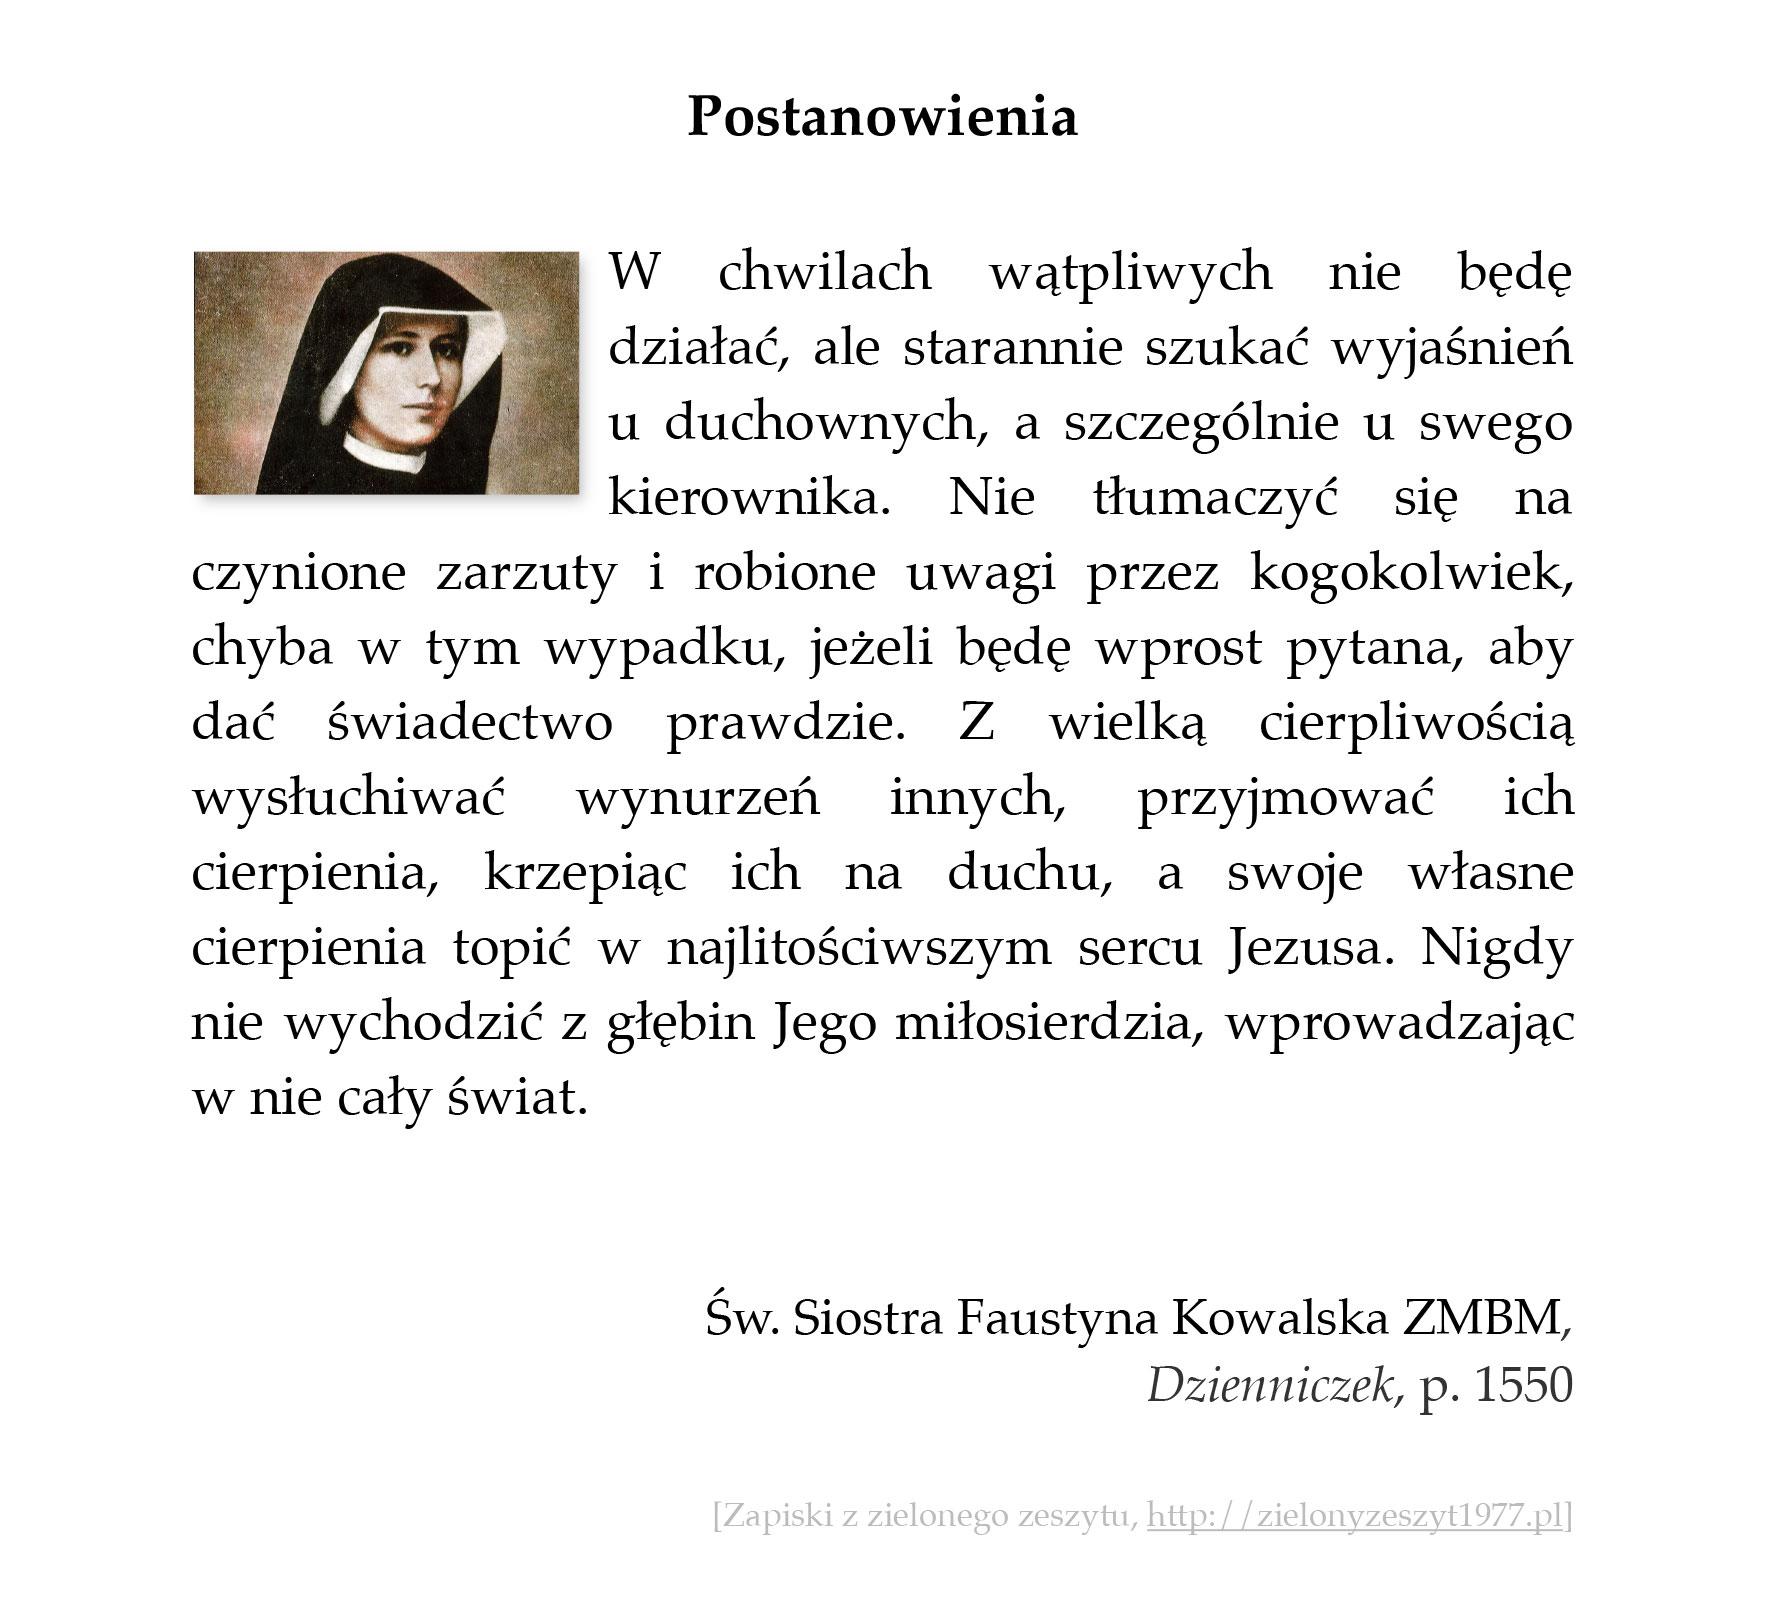 Postanowienia; św. Faustyna Kowalska